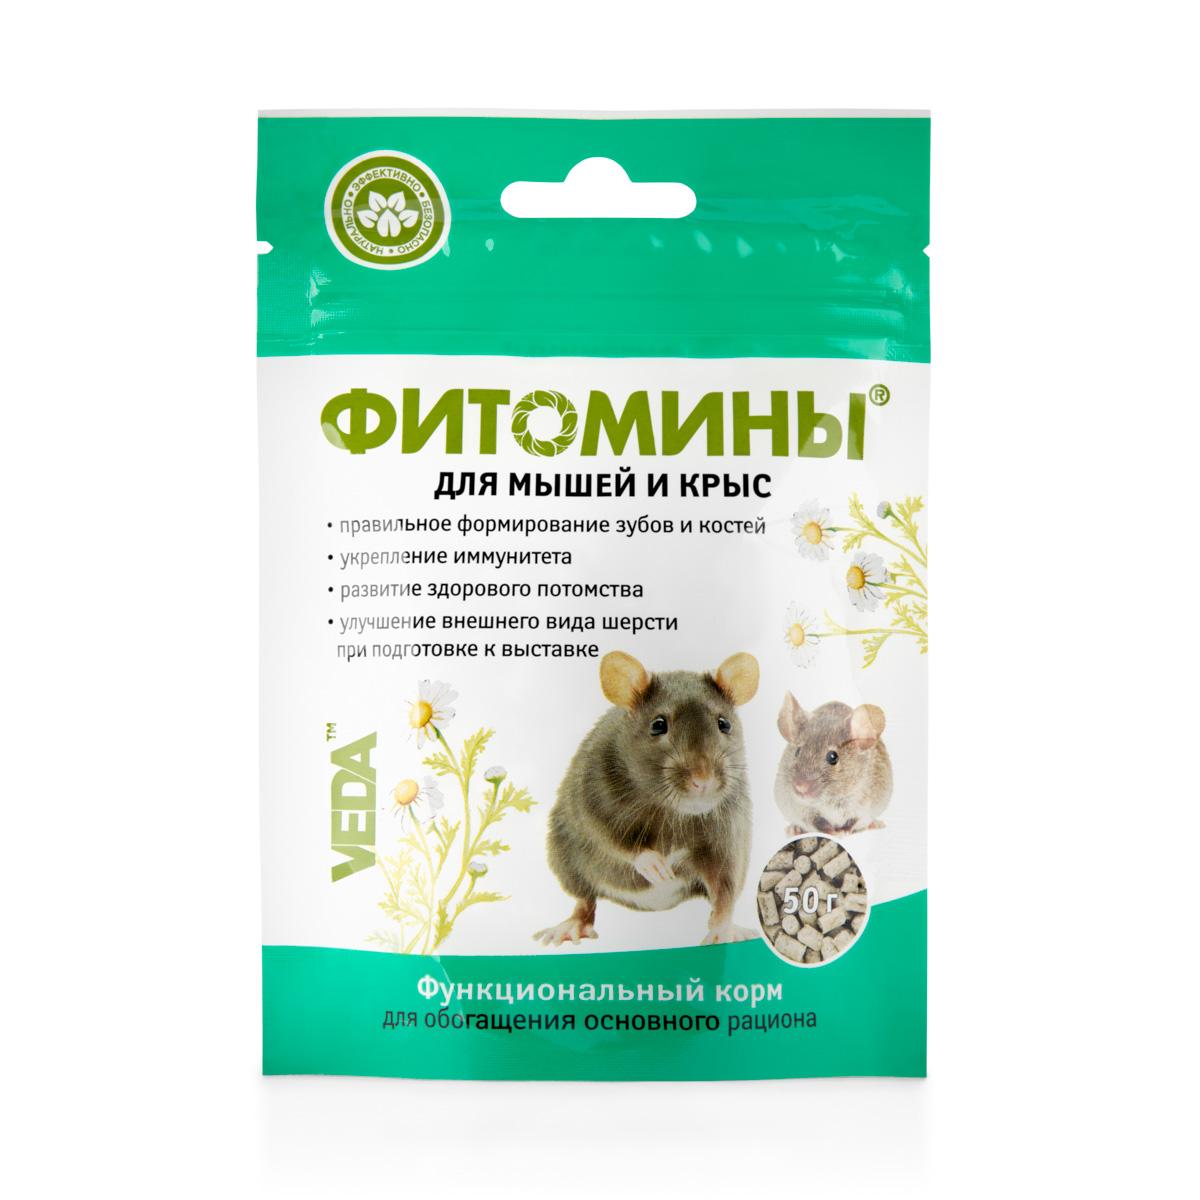 Корм для мышей и крыс VEDA Фитомины, функциональный , 50 г5780Корм функциональный VEDA Фитомины восполняет рацион мышей и крыс дефицитными витаминами, макро- и микроэлементами.Рекомендуется включать в рацион:- для правильного формирования зубов и костей, - для укрепления общего иммунитета, - для обеспечения рождения здорового потомства, - при подготовке к выставкам для улучшения состояния шерсти.Состав: сок с мякотью морковный, сок с мякотью тыквенный; природный минеральный комплекс; сера кормовая; фитокомплекс экстрактов растений: цветков лабазника вязолистного, корней одуванчика, травы эхинацеи пурпурной, травы подмаренника, травы тысячелистника, плодов шиповника, корней и корневищ солодки, корней лопуха; обогащенный кальций; ячмень без пленки; сухое обезжиренное молоко; масло подсолнечное; соль поваренная пищевая; ароматизатор. В 100 г продукта содержится (не менее): углеводы 64,0 г; жиры 2,8 г; белки 15,0 г; кальций 600 мг; фосфор 360 мг; железо 15,0 мг; цинк 4 мг; магний 0,1 мг; марганец 0,1 мг; медь 0,3 мг; сера 200 мг; каротин 0,4 мг.Энергетическая ценность в 100 г: 340 ккал.Товар сертифицирован.